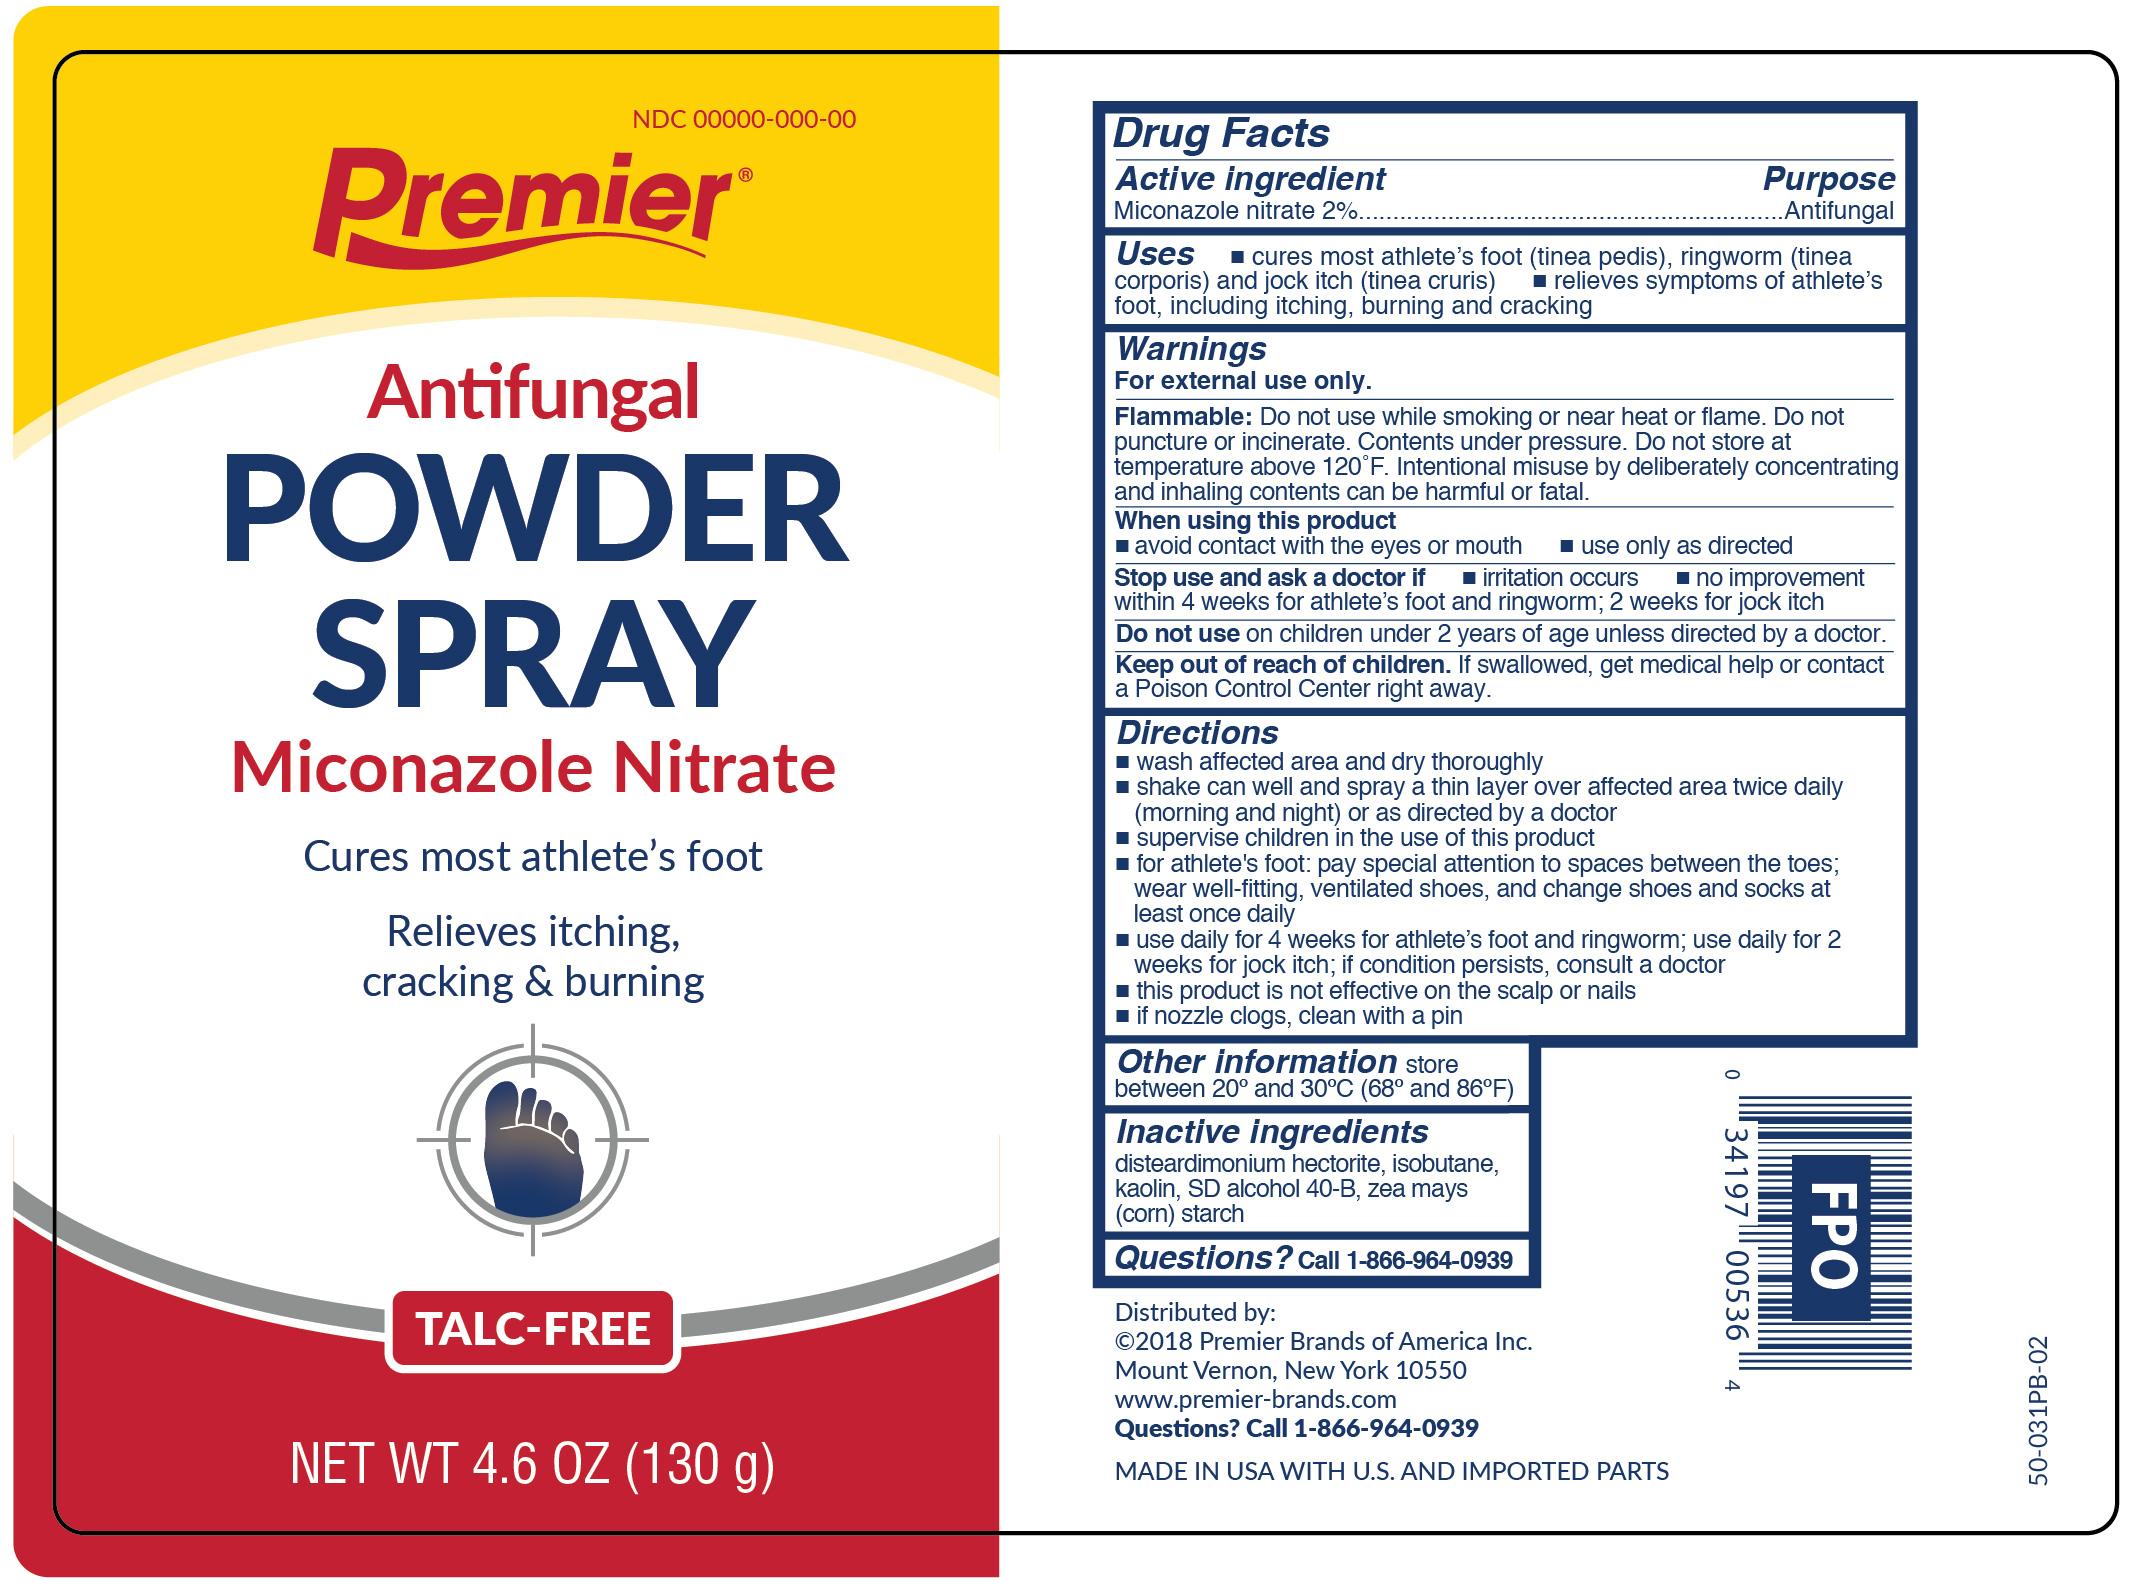 Premier Brands_Antifungal Miconazole Powder Spray_50-031PB-02-01.jpg